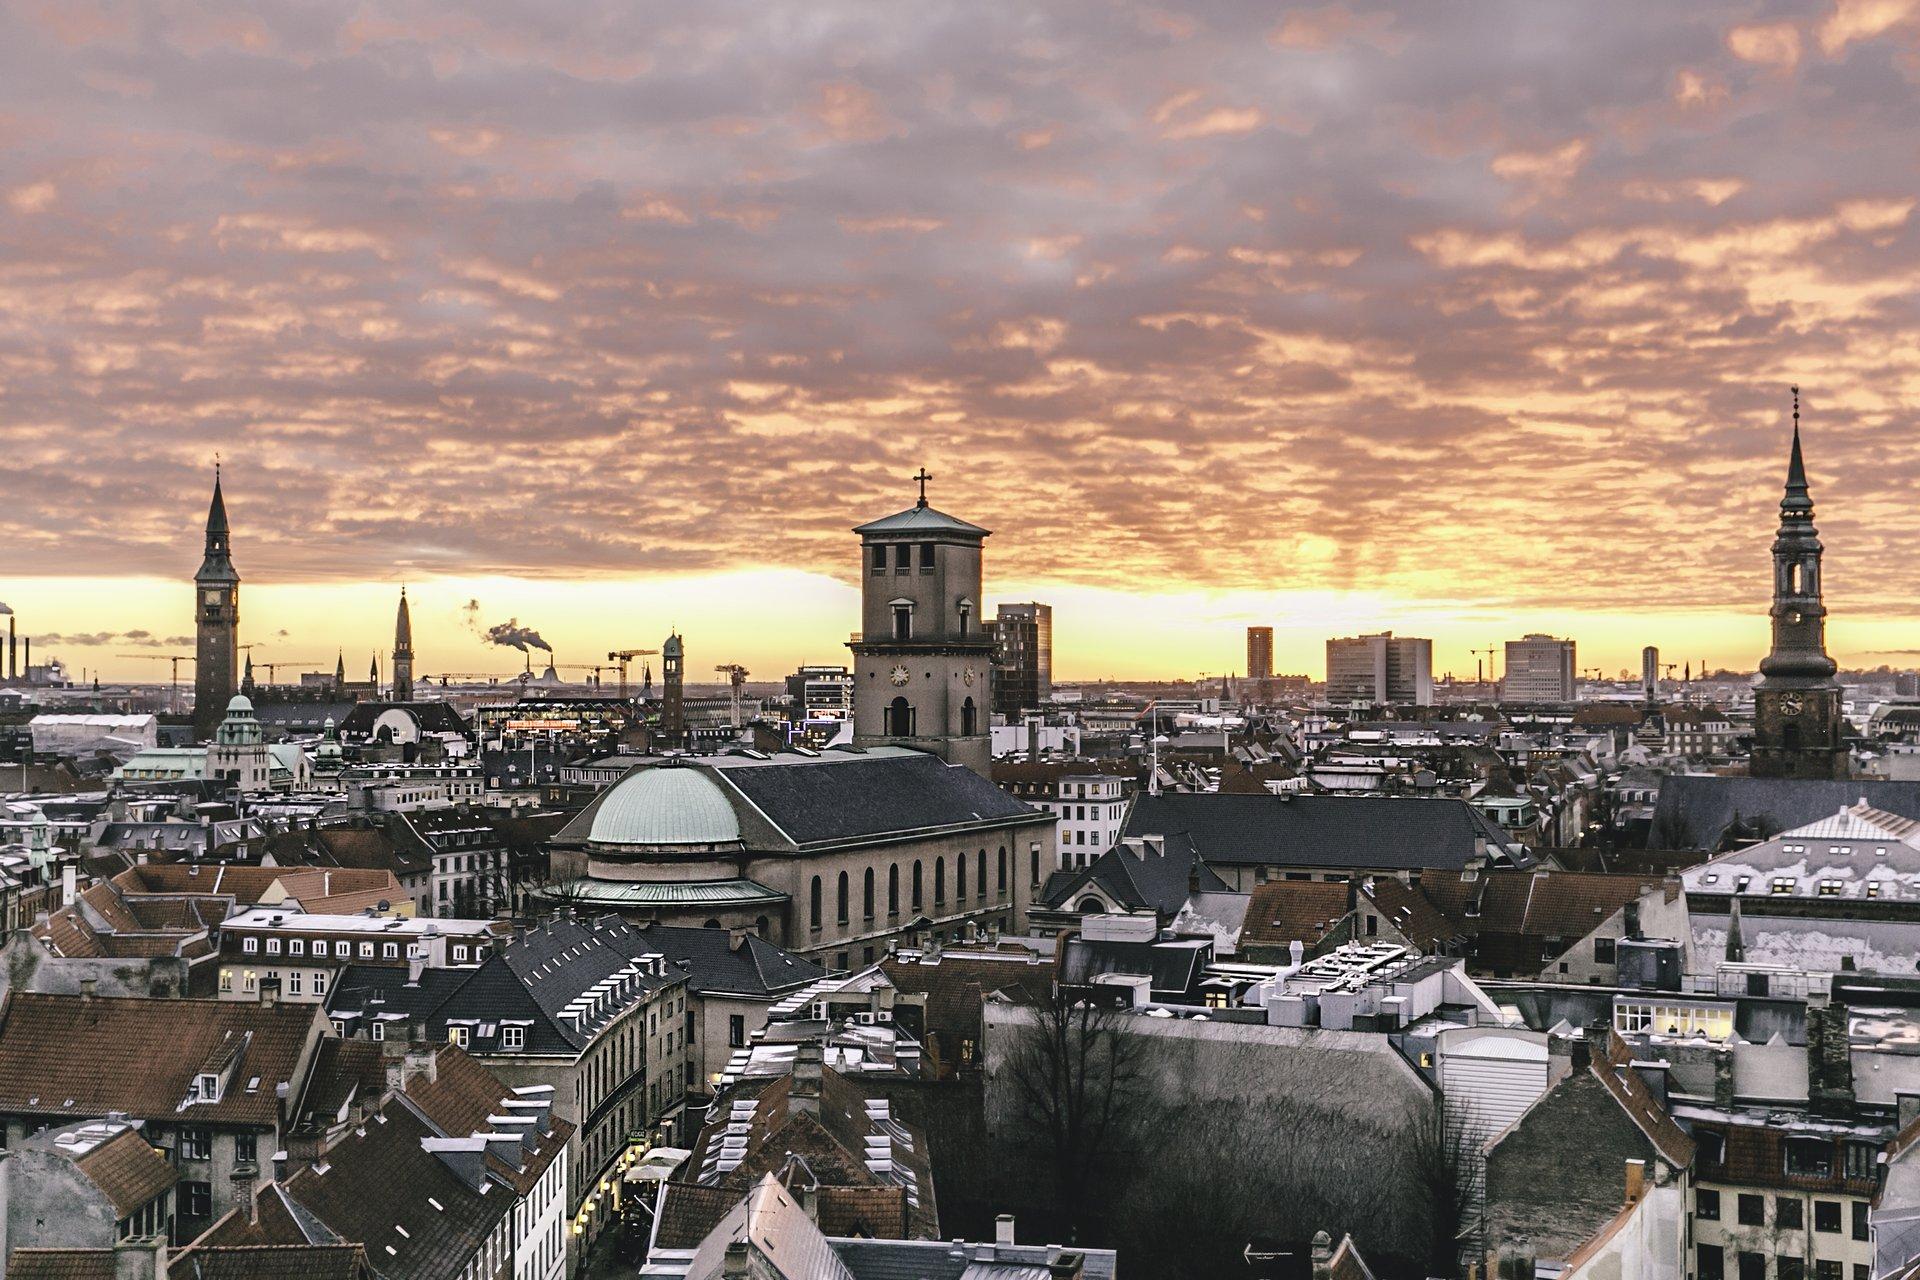 Navnlig København er hårdt ramt af færre gæster på hovedstadens hoteller. Pressefoto fra Wonderful Copenhagen: Thomas Høyrup Christensen.